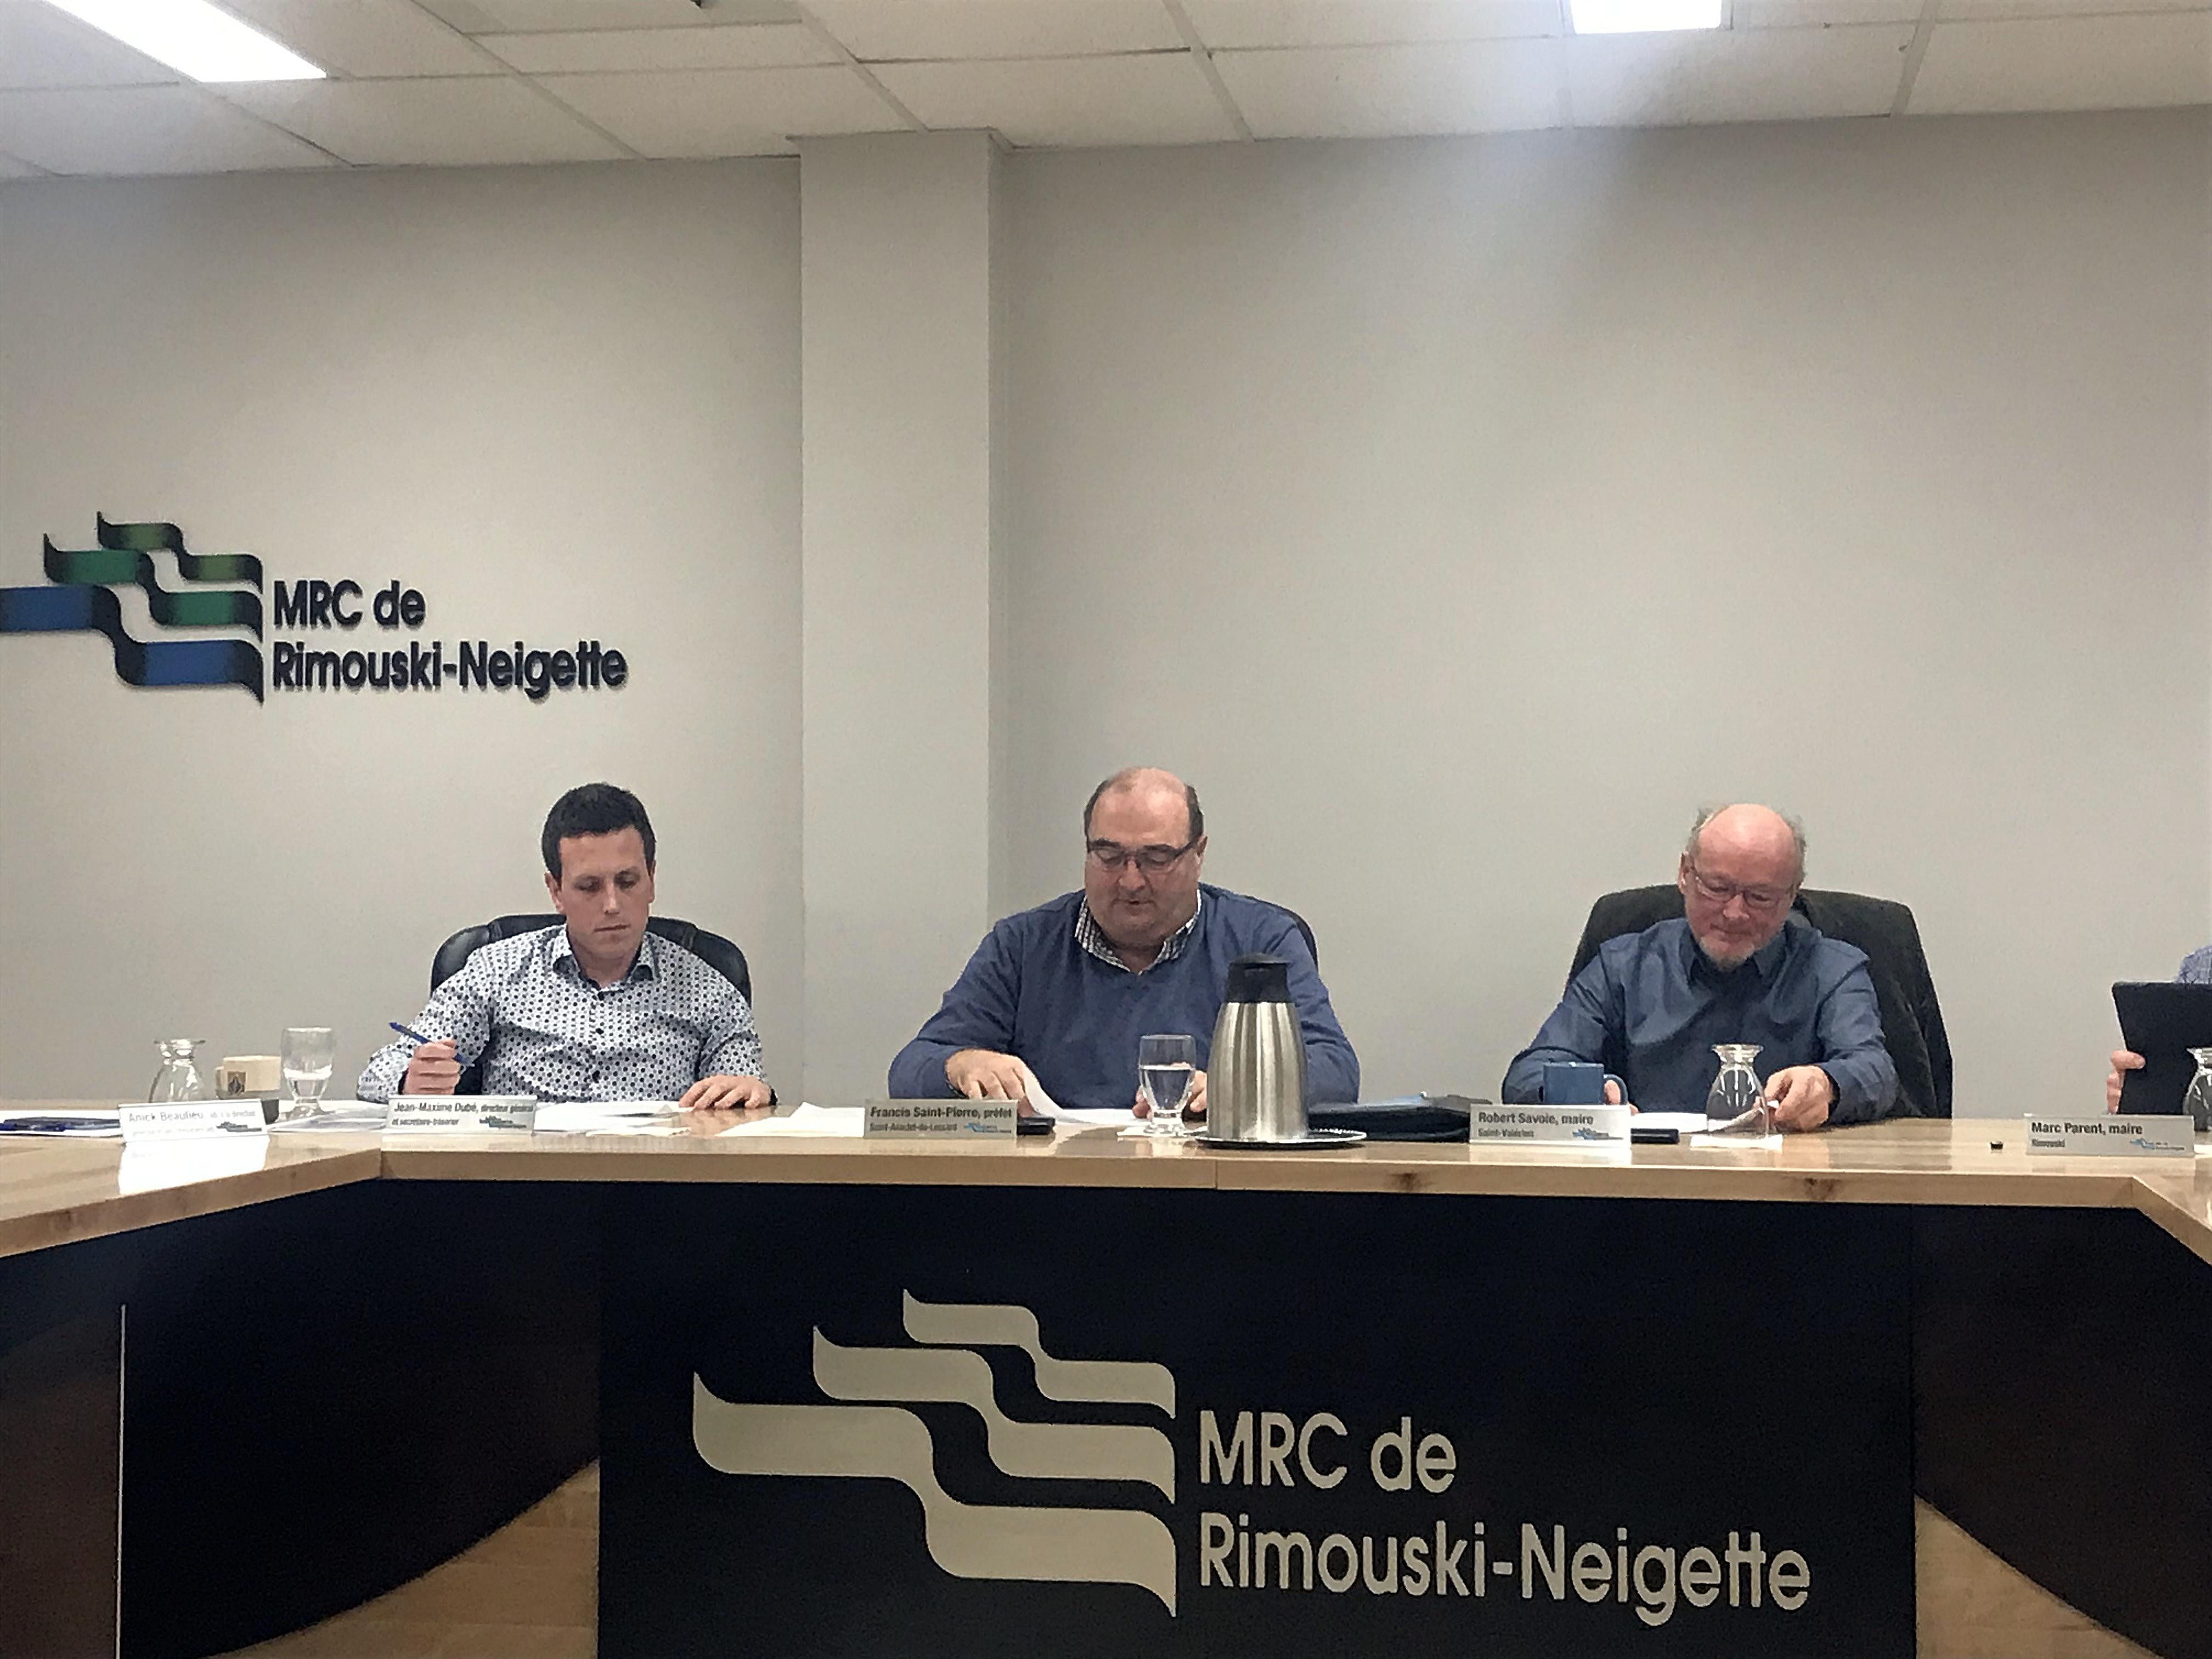 Le directeur général de la MRC, Jean-Maxime Dubé, Francis St-Pierre, préfet de comté et Robert Savoie à la table du conseil de la MRC.